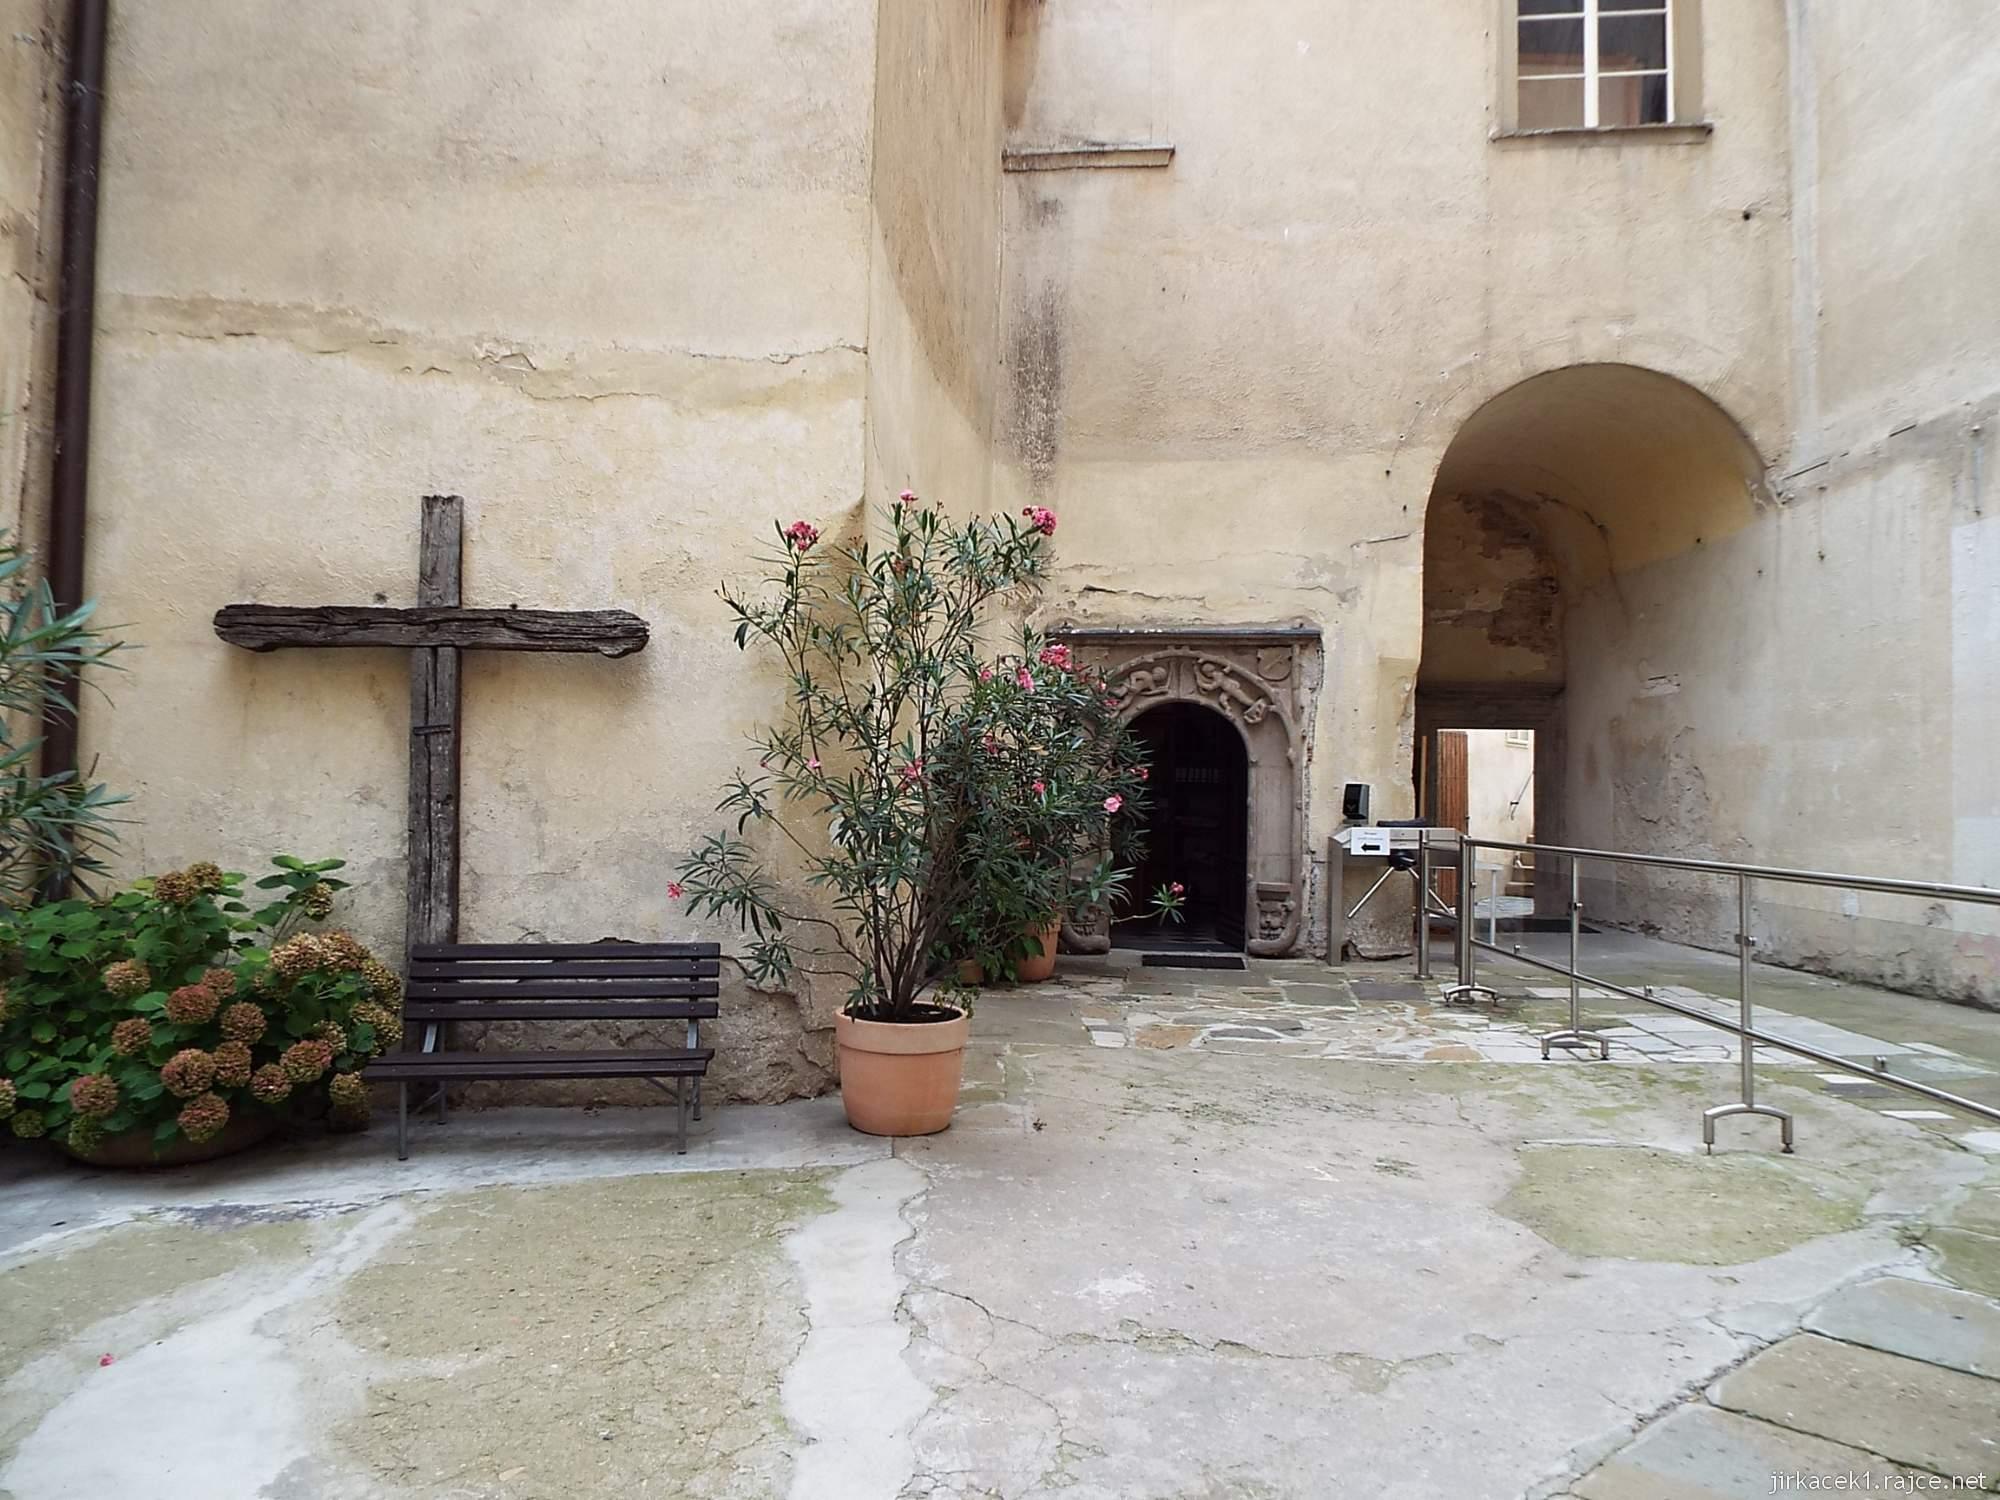 zámek Miroslav 59 - první nádvoří, starý kříž a vchod do místnosti s pokladnou